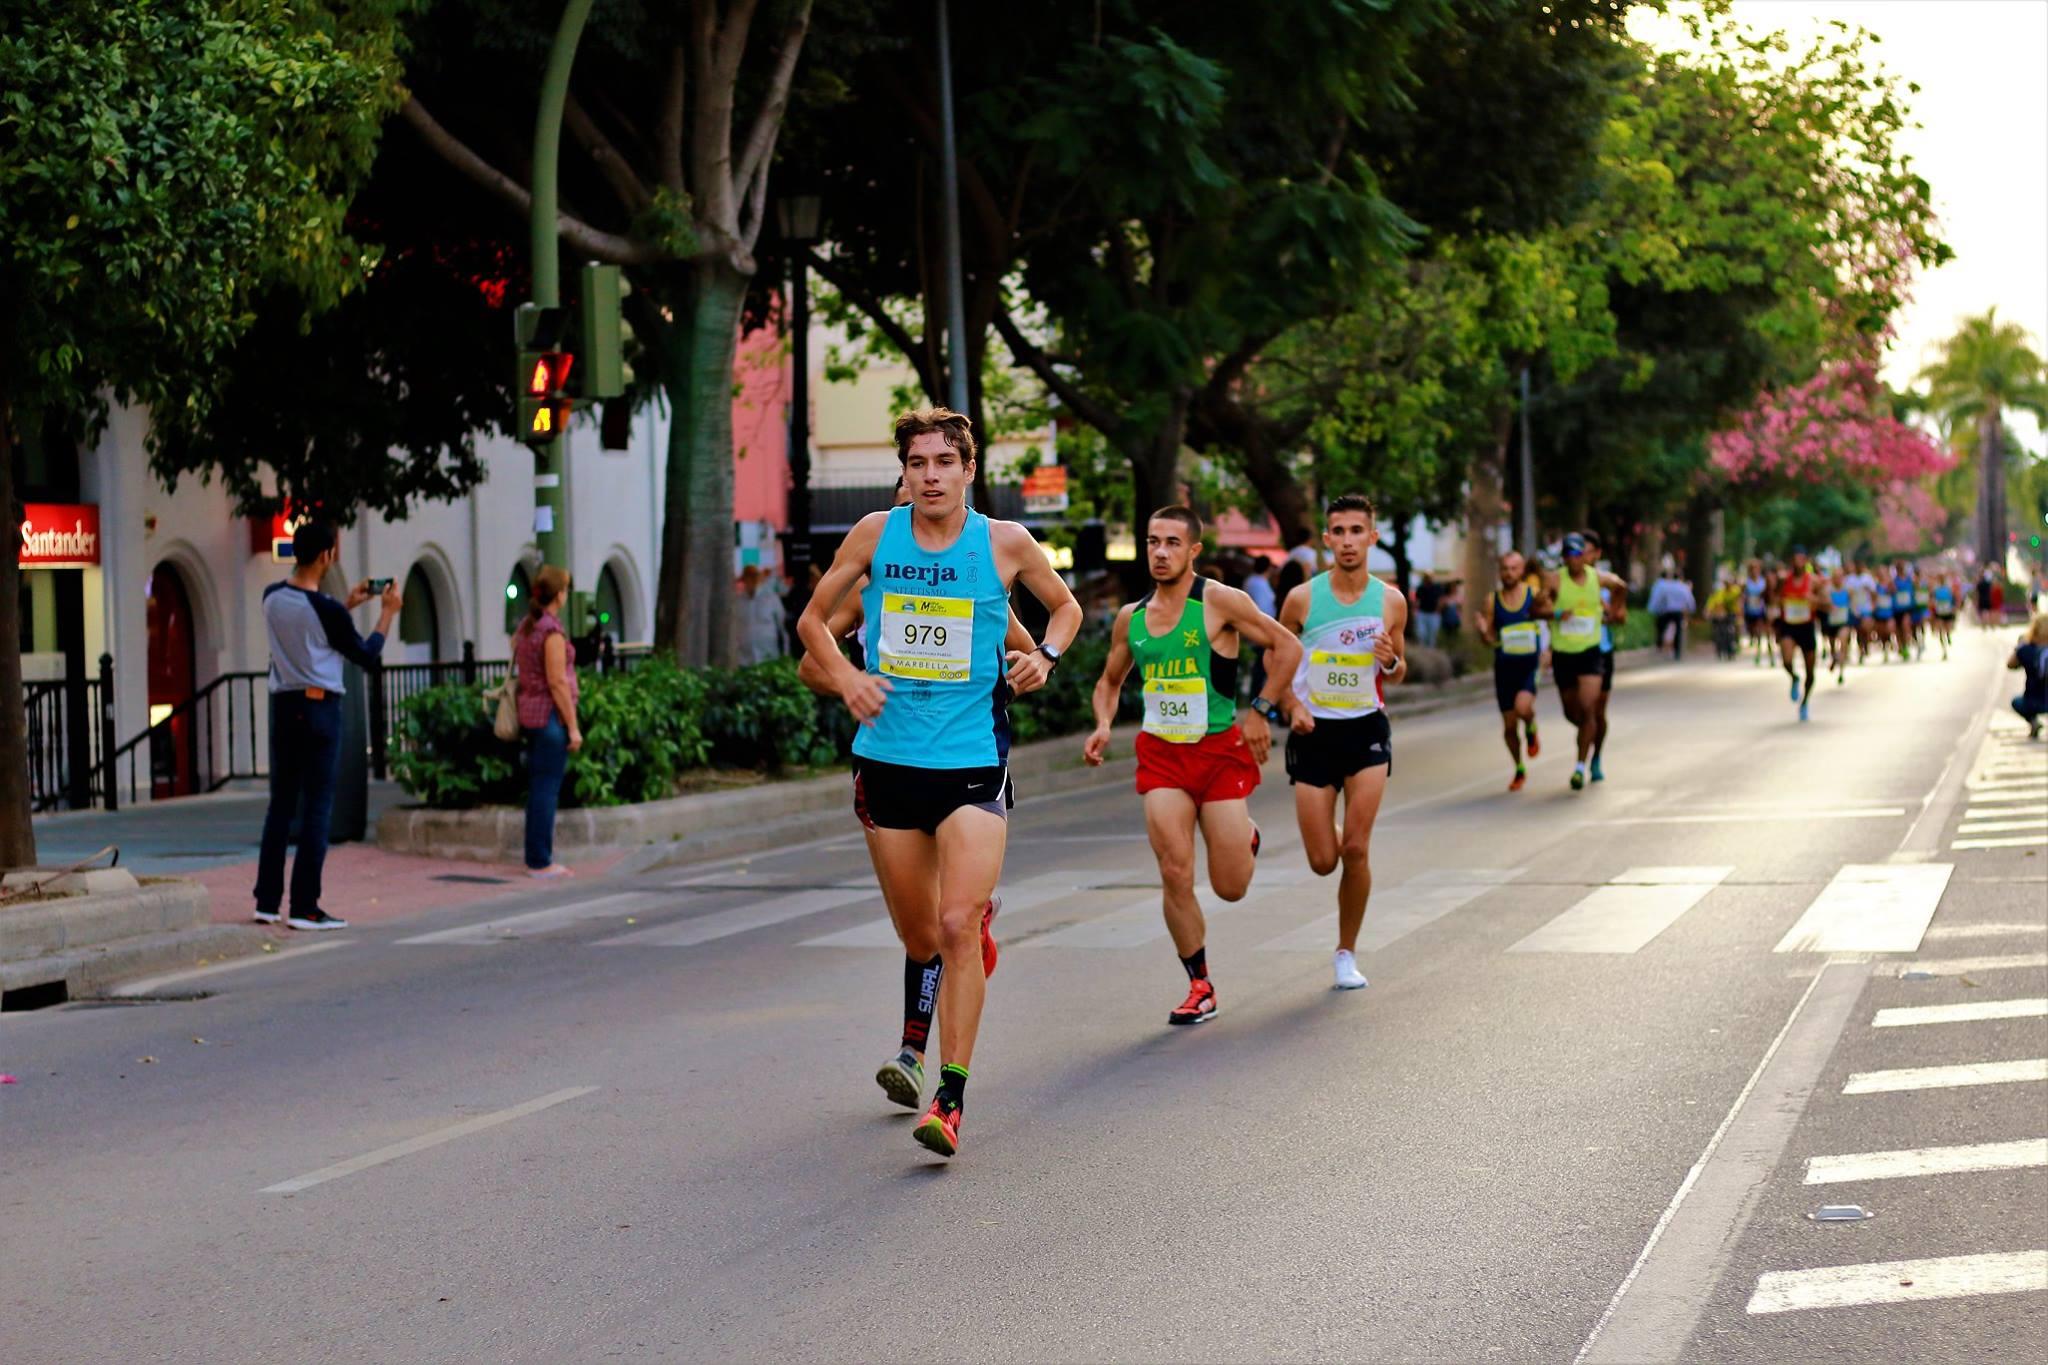 El Ayuntamiento diseña recorridos y servicios especiales de transporte público por la Media Maratón de Marbella